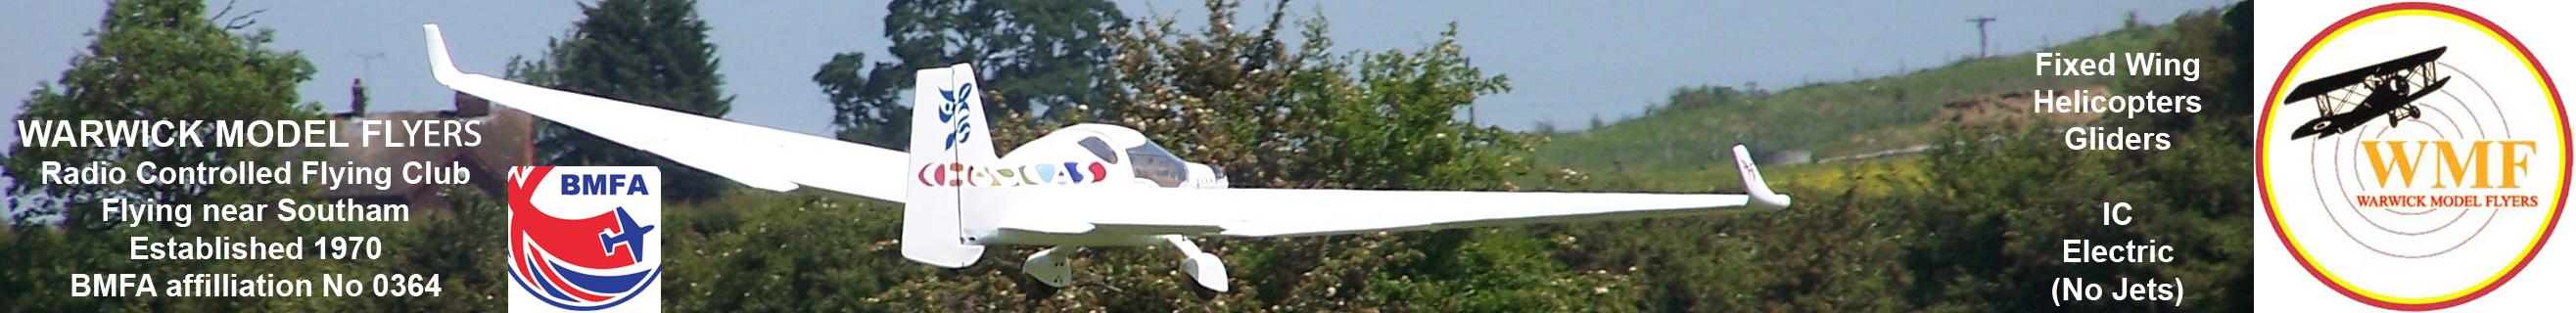 Warwick Model Flyers